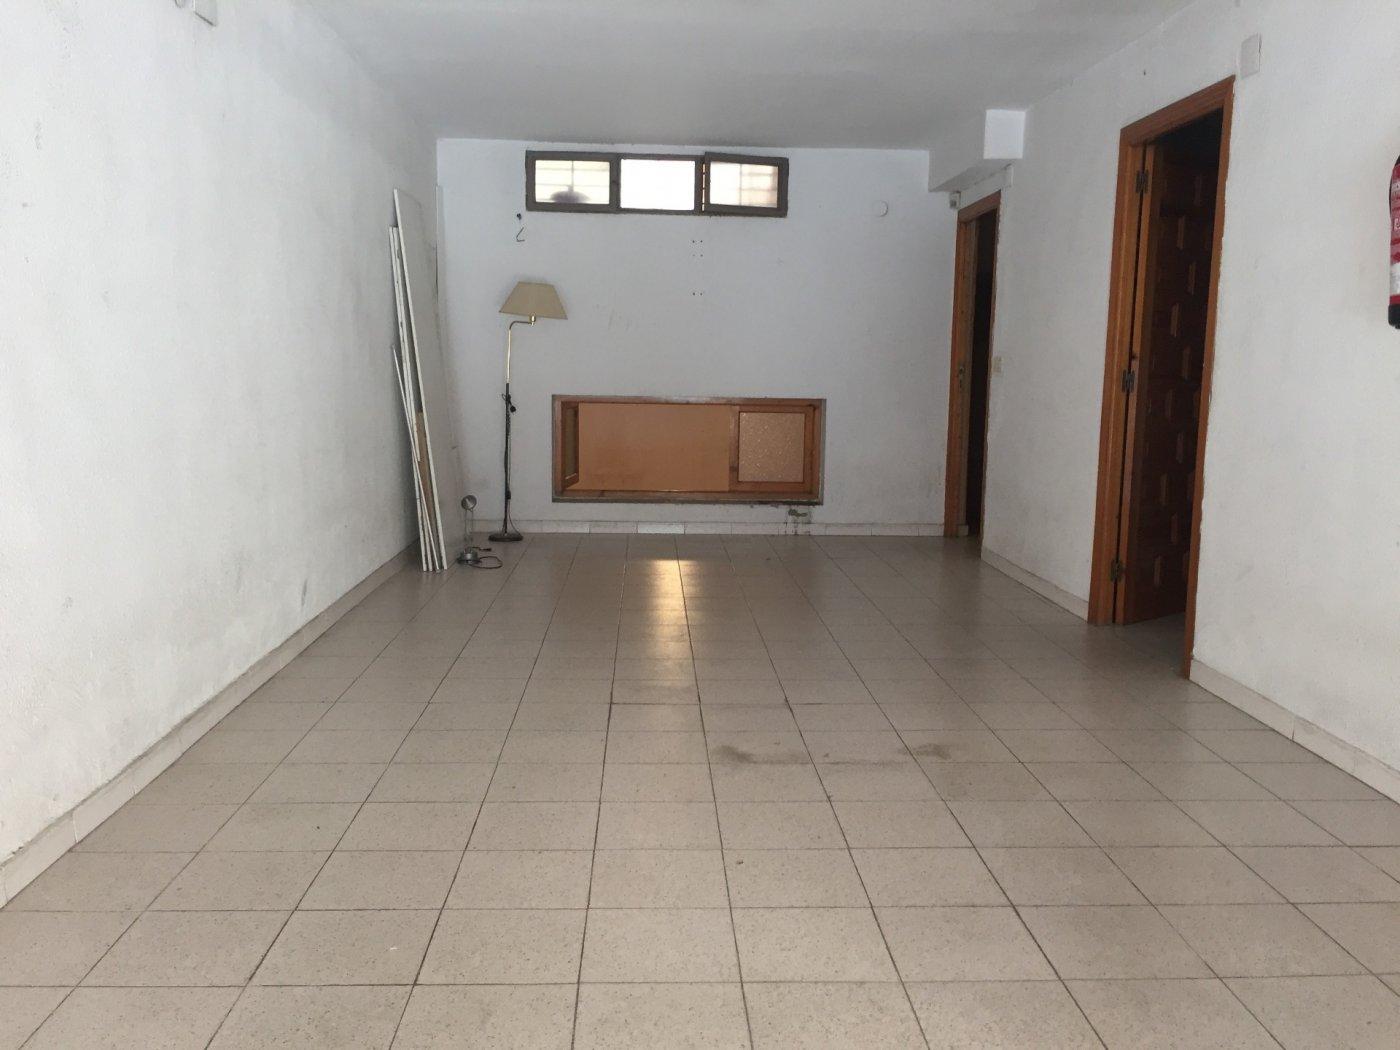 Casa adosado en alfahuir - imagenInmueble7